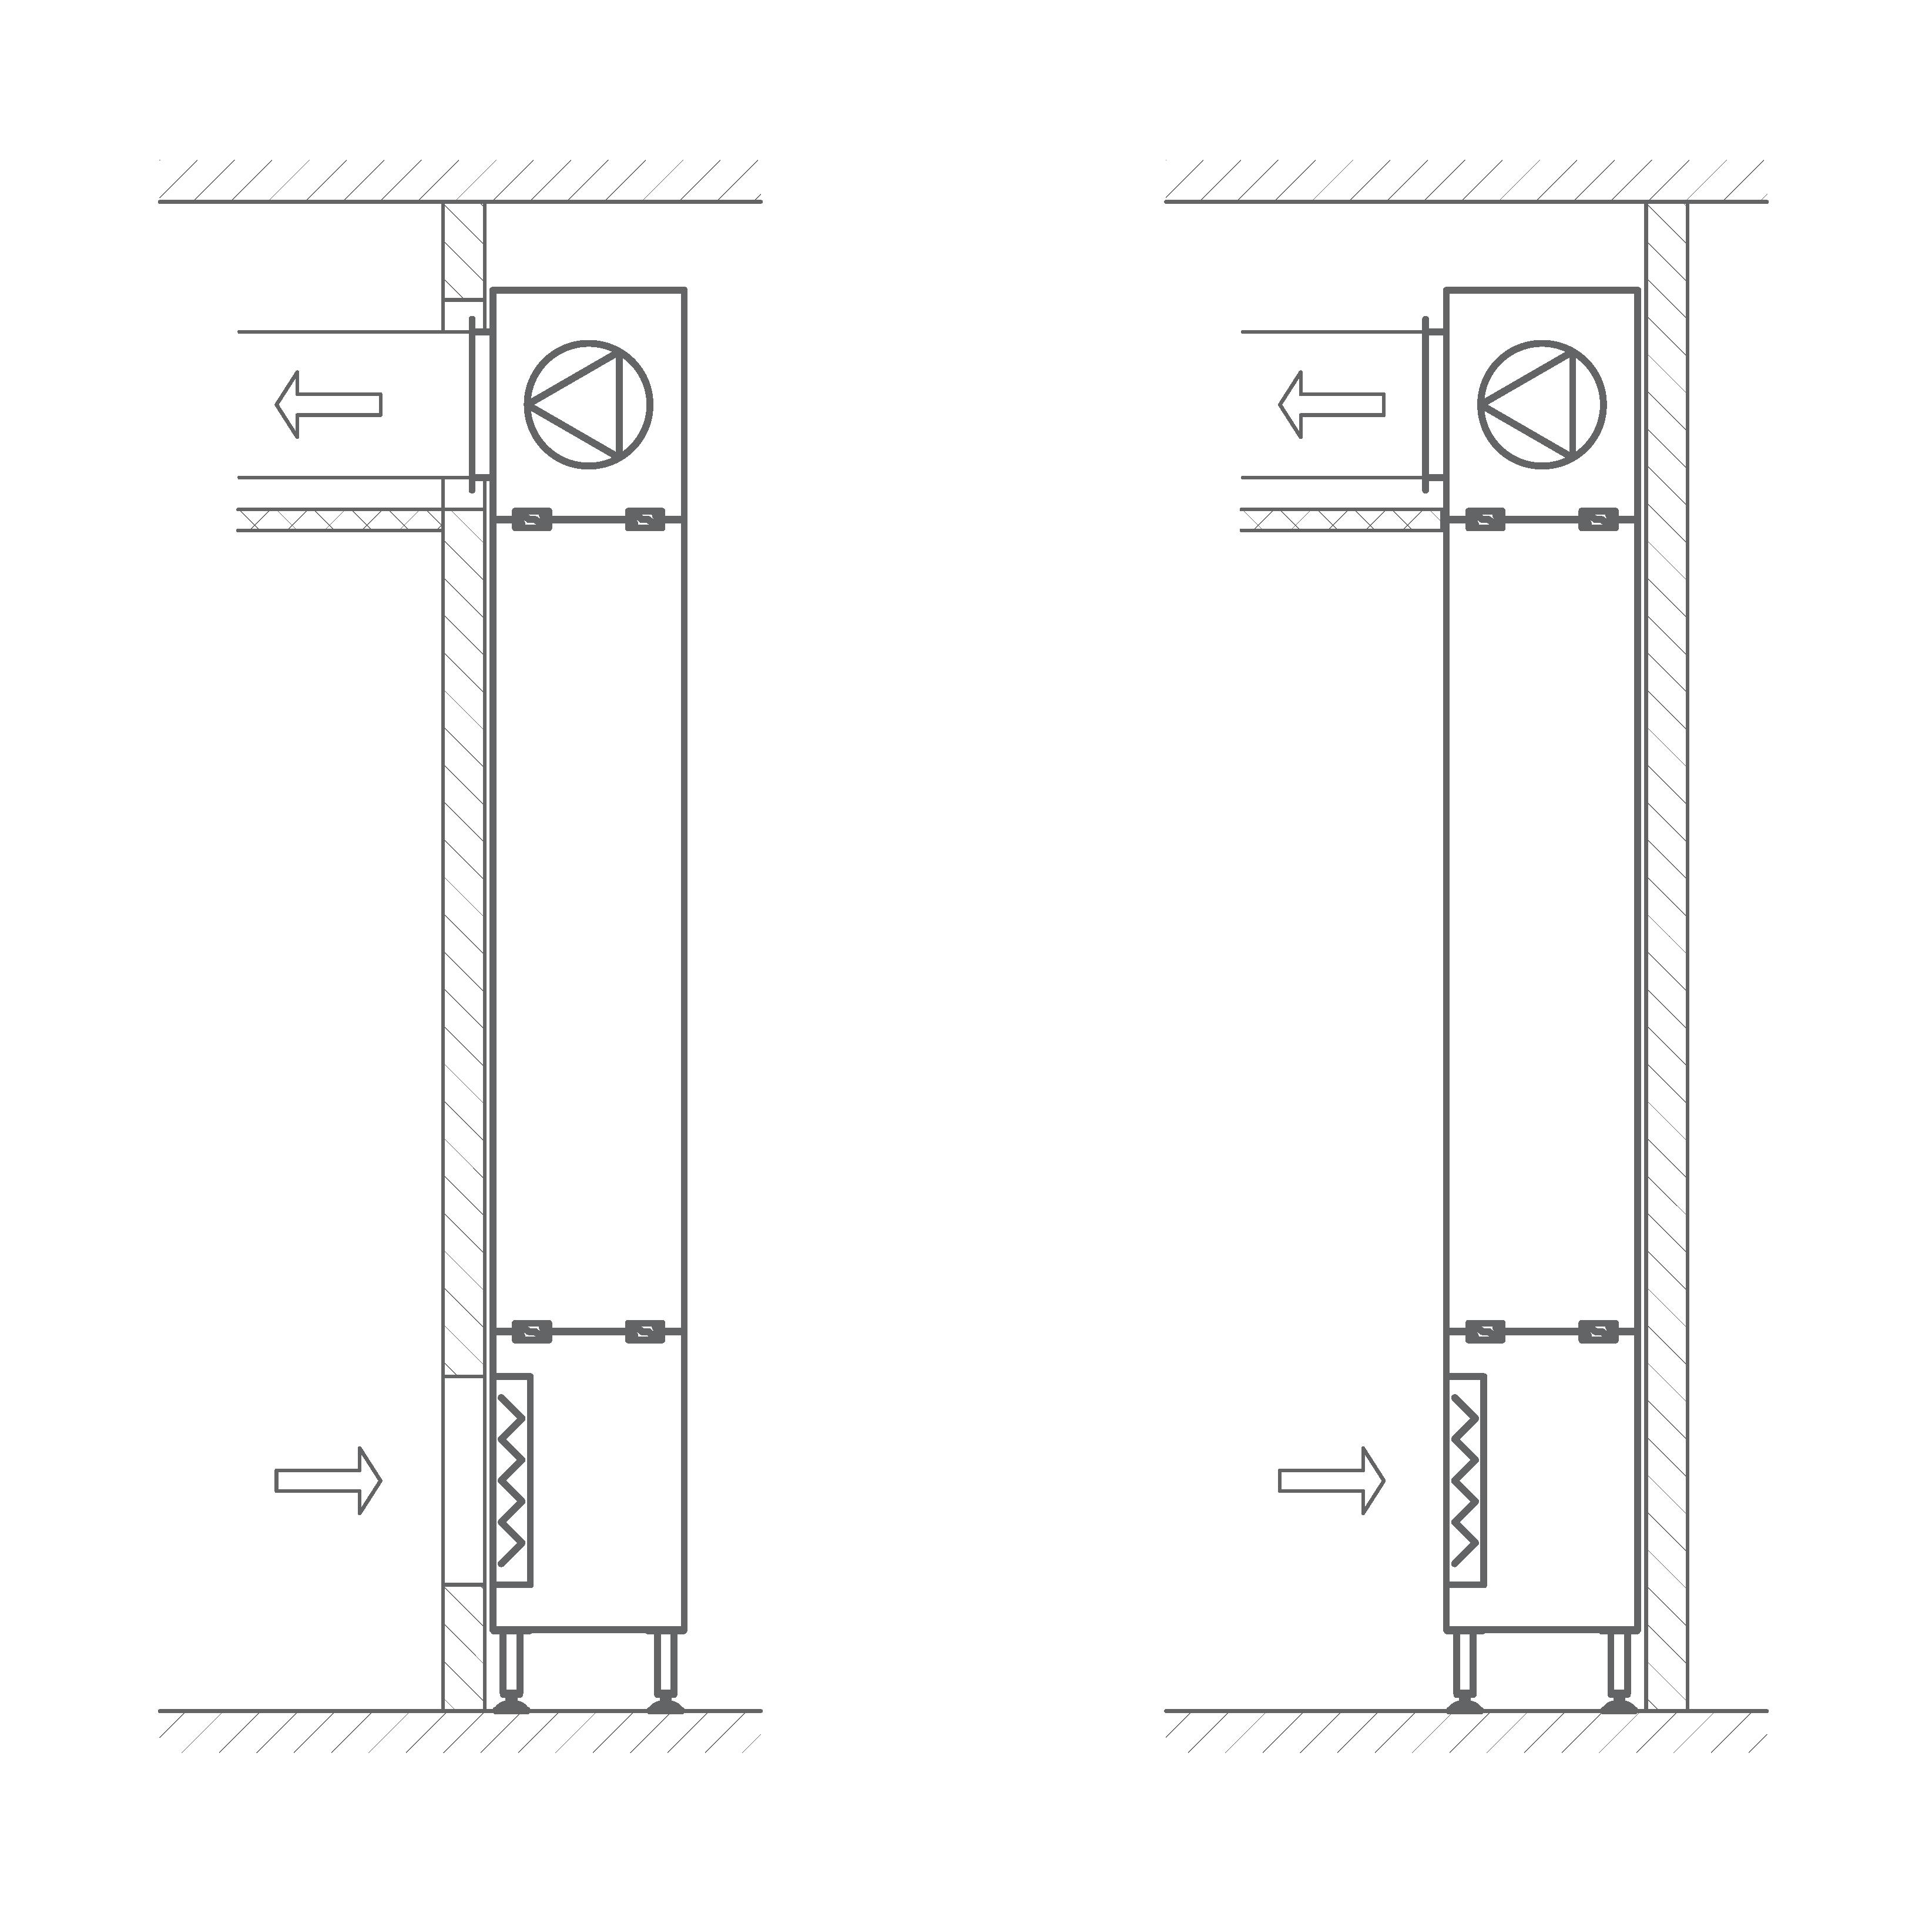 przykład modułu - recyrkulacja powietrza w laboratorium i salach operacyjnych